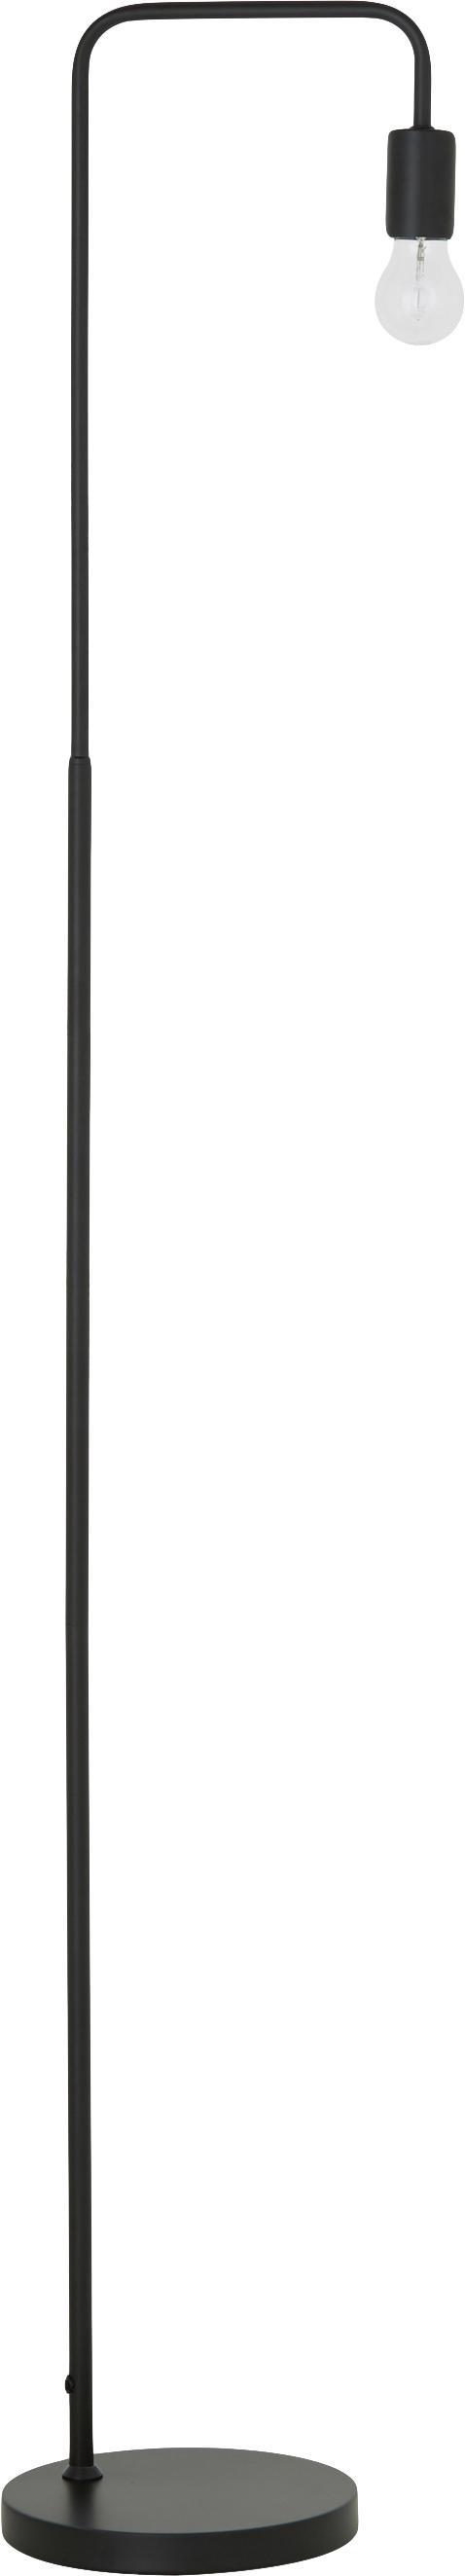 Stehlampe Flow, Schwarz, Schwarz, 33 x 153 cm